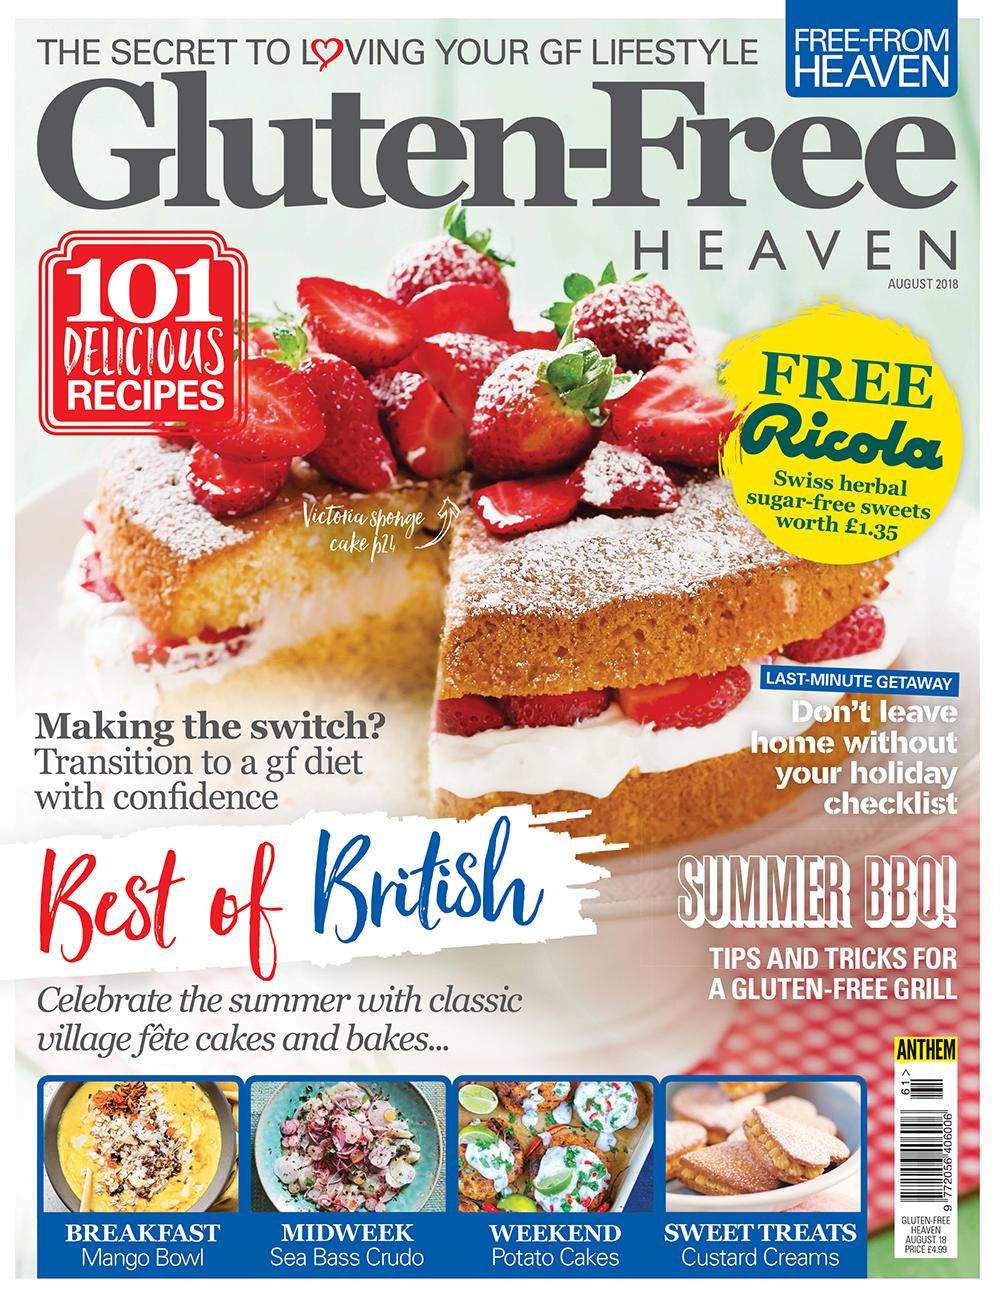 Gluten-Free Heaven August 2018 | Gluten-Free Heaven